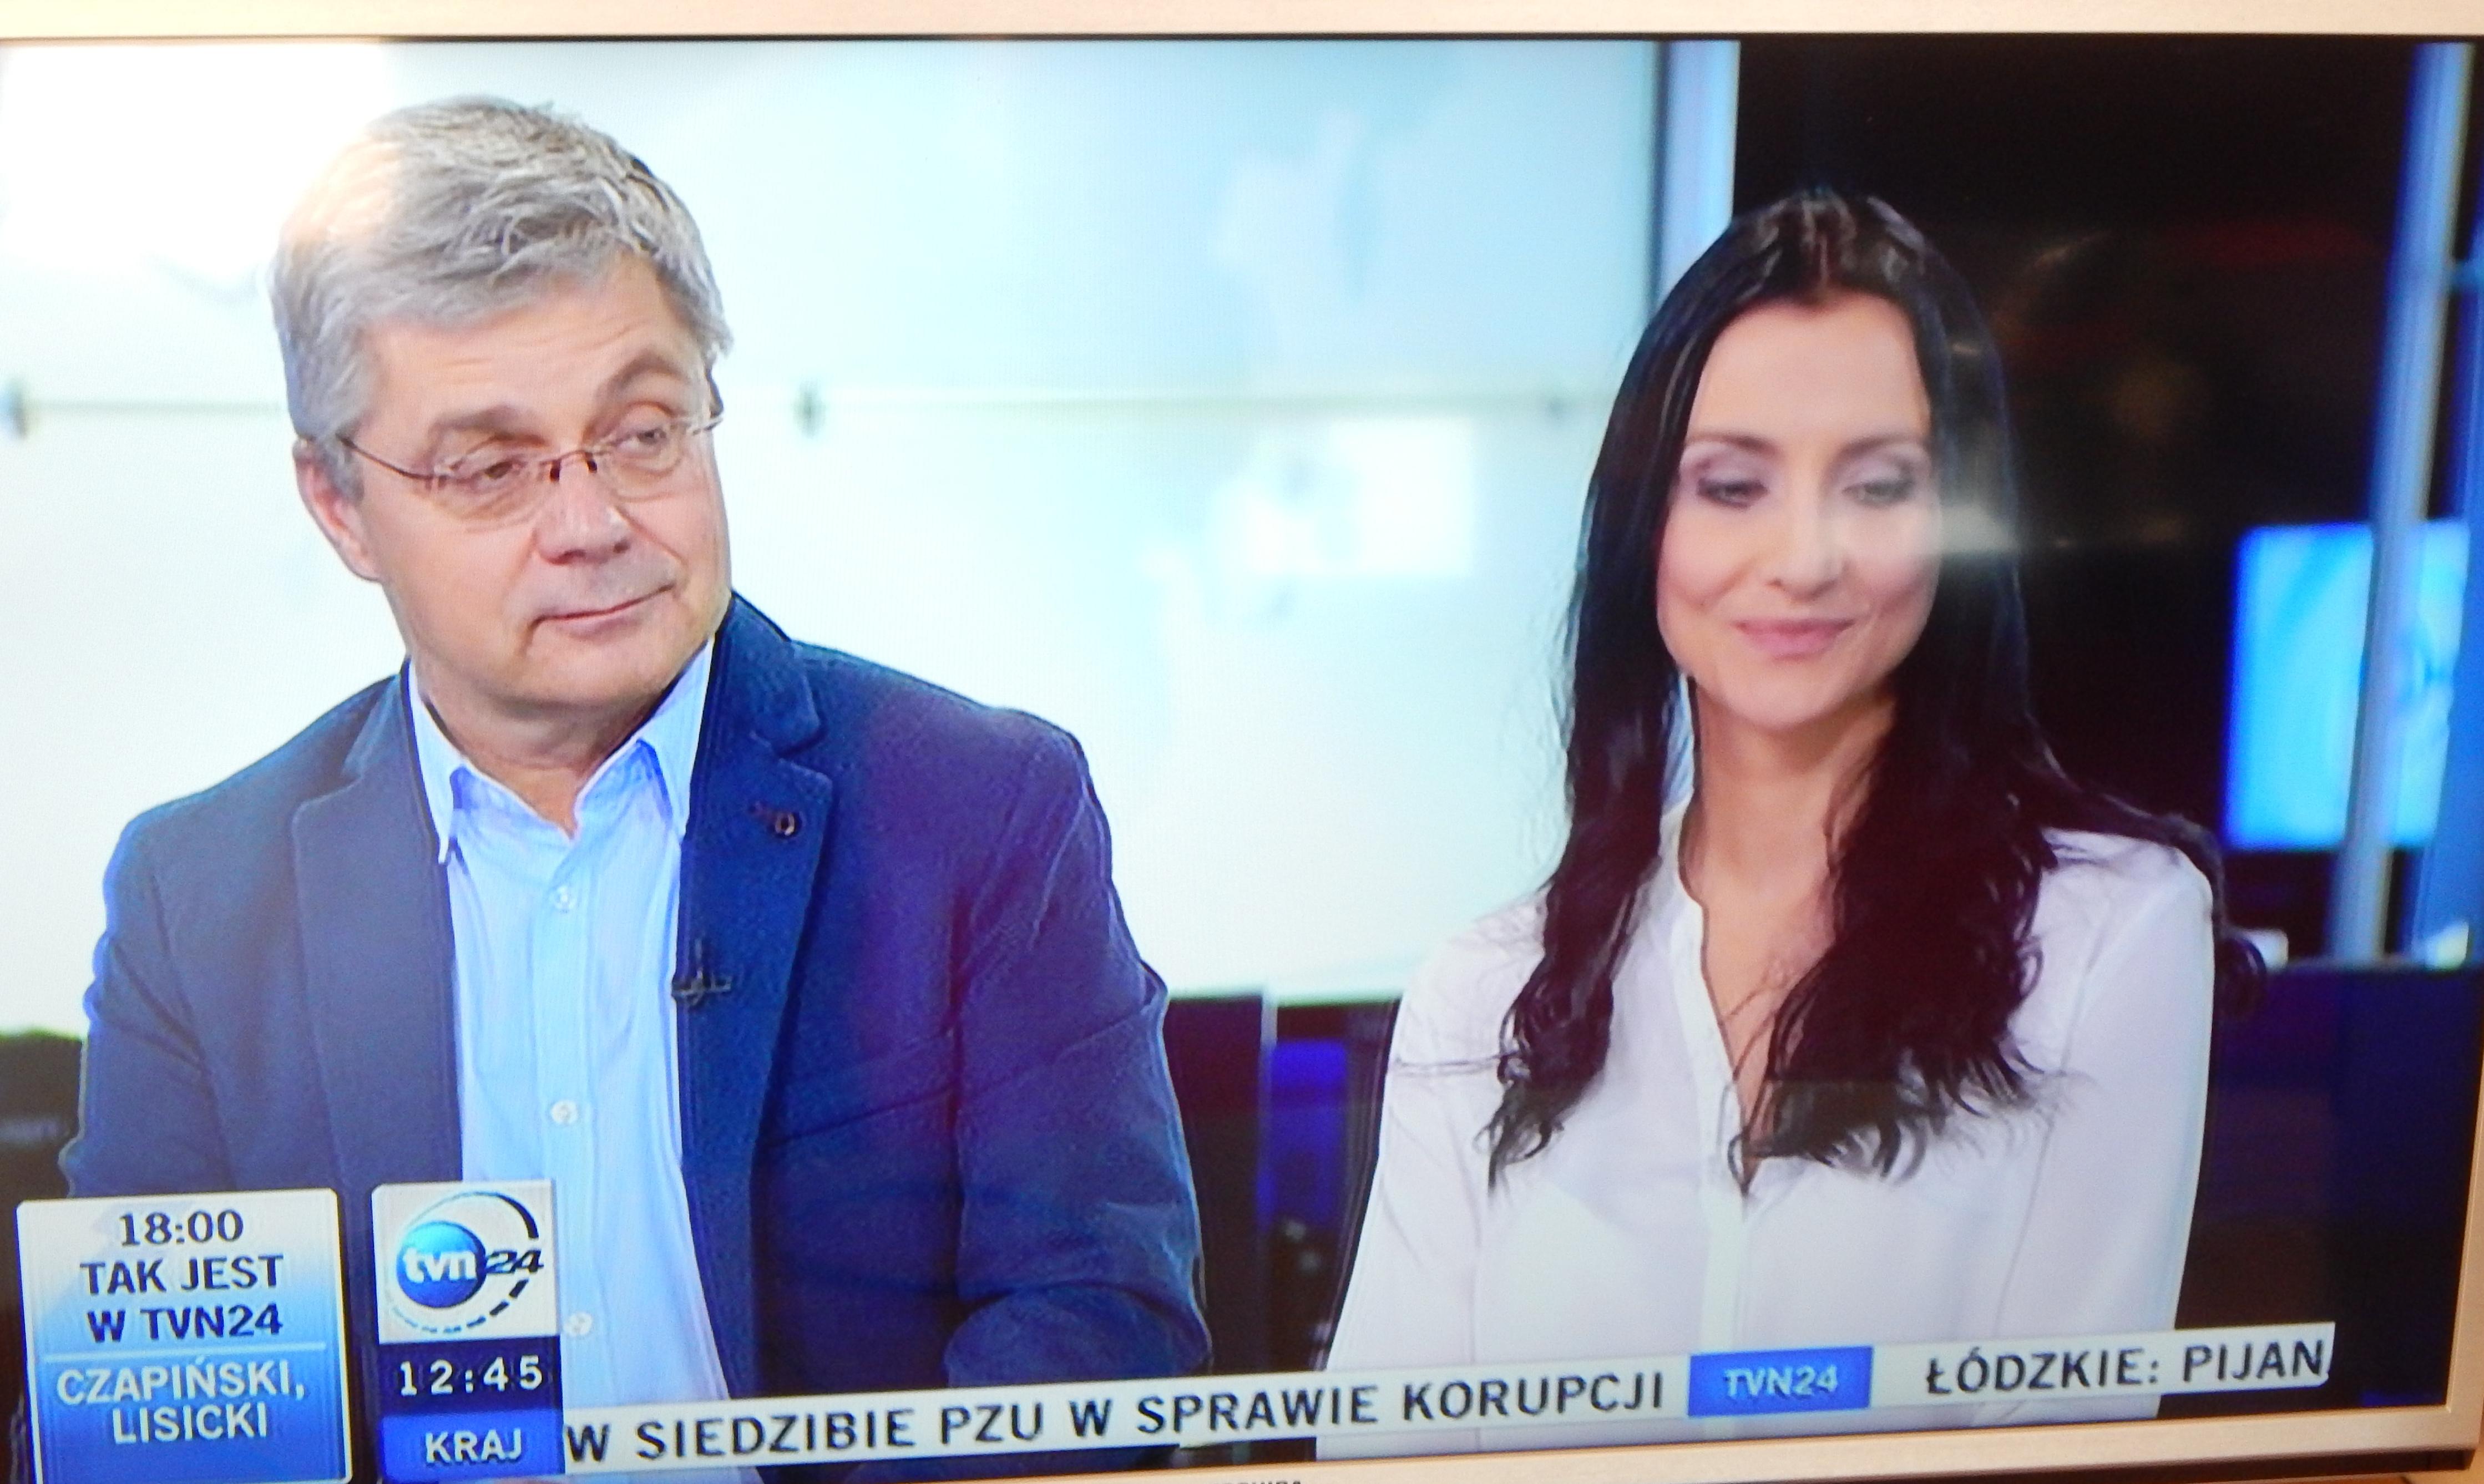 DSCN4207 W roli eksperta w tvn24!